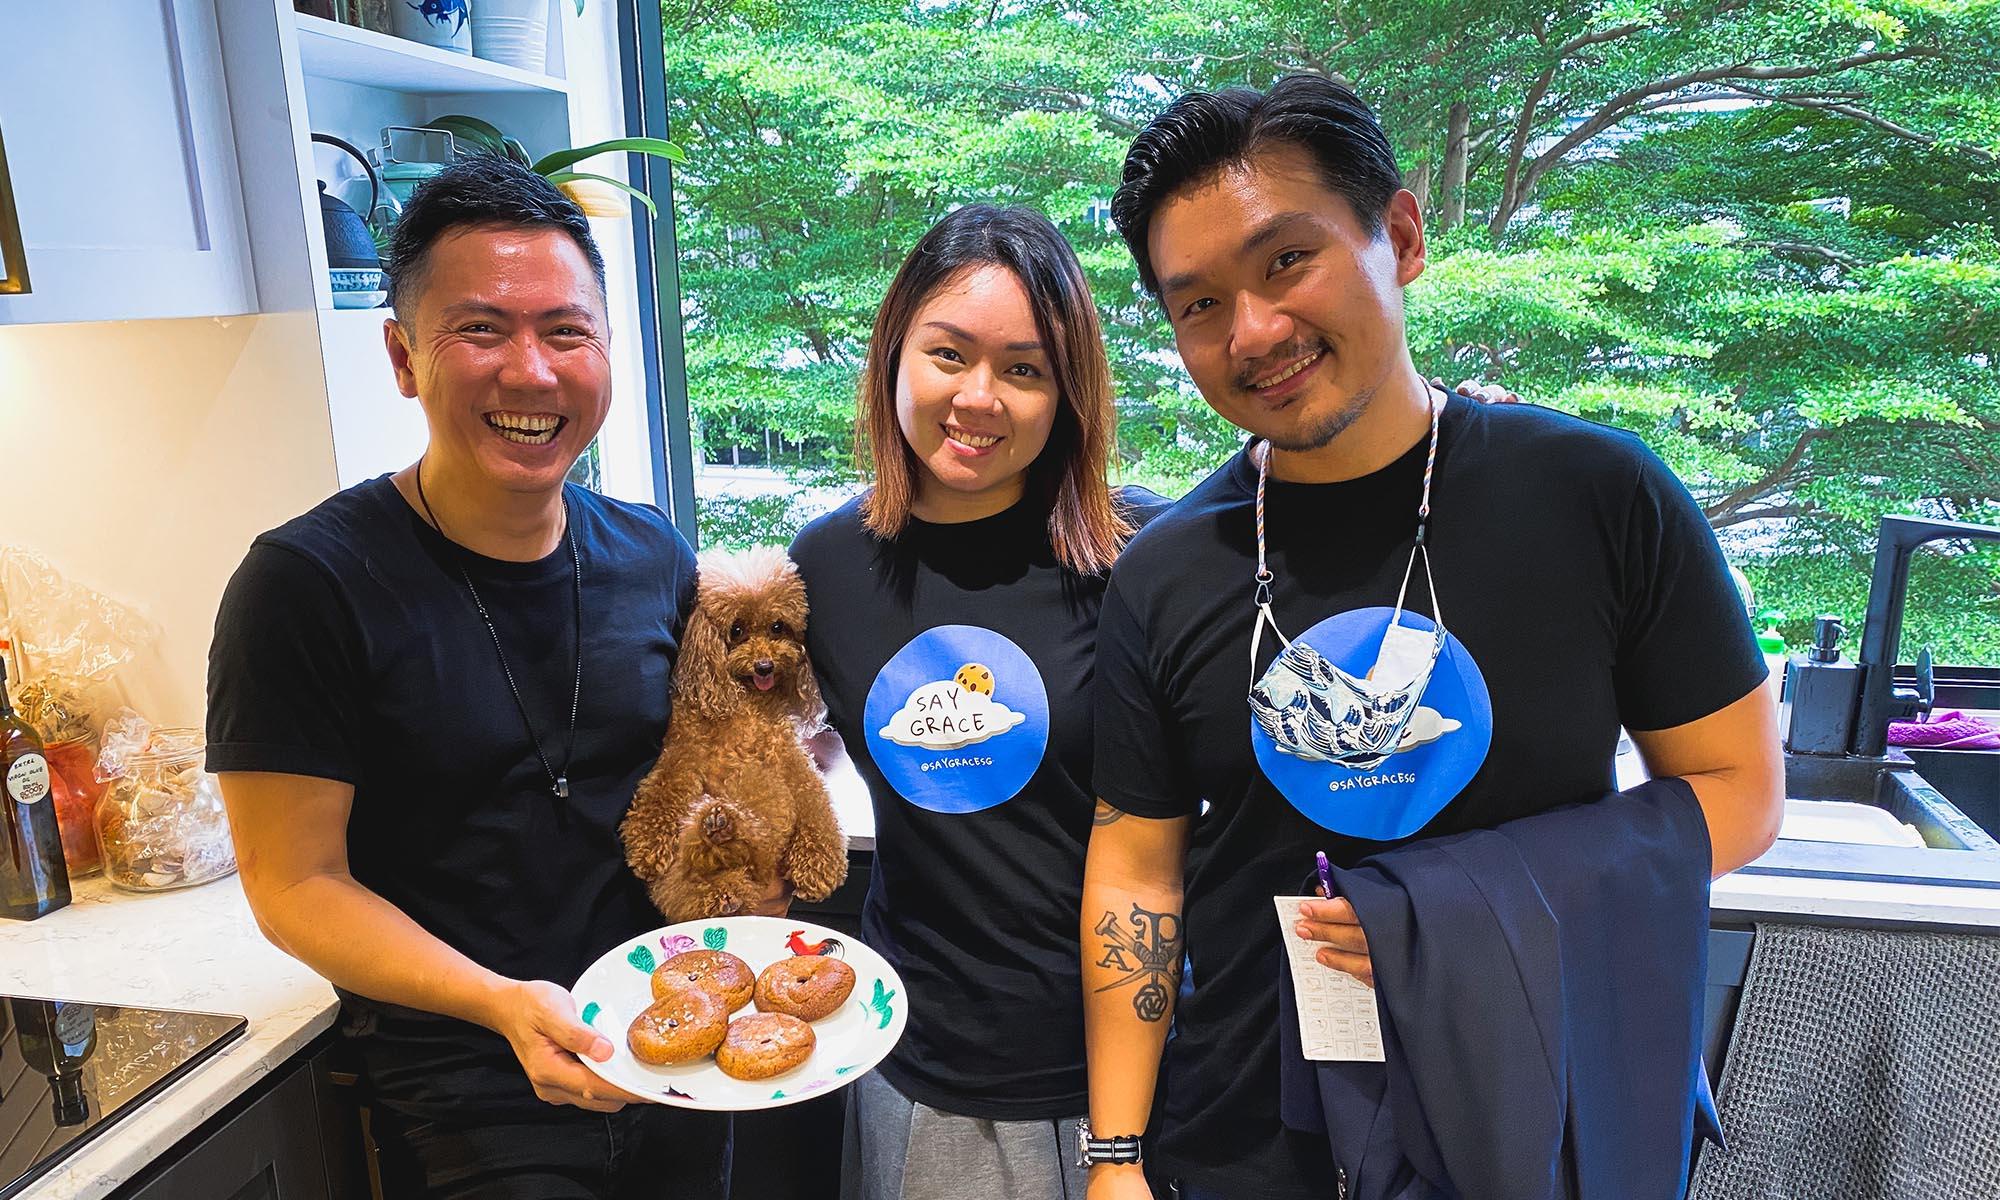 SAYGRACE SG shares their journey